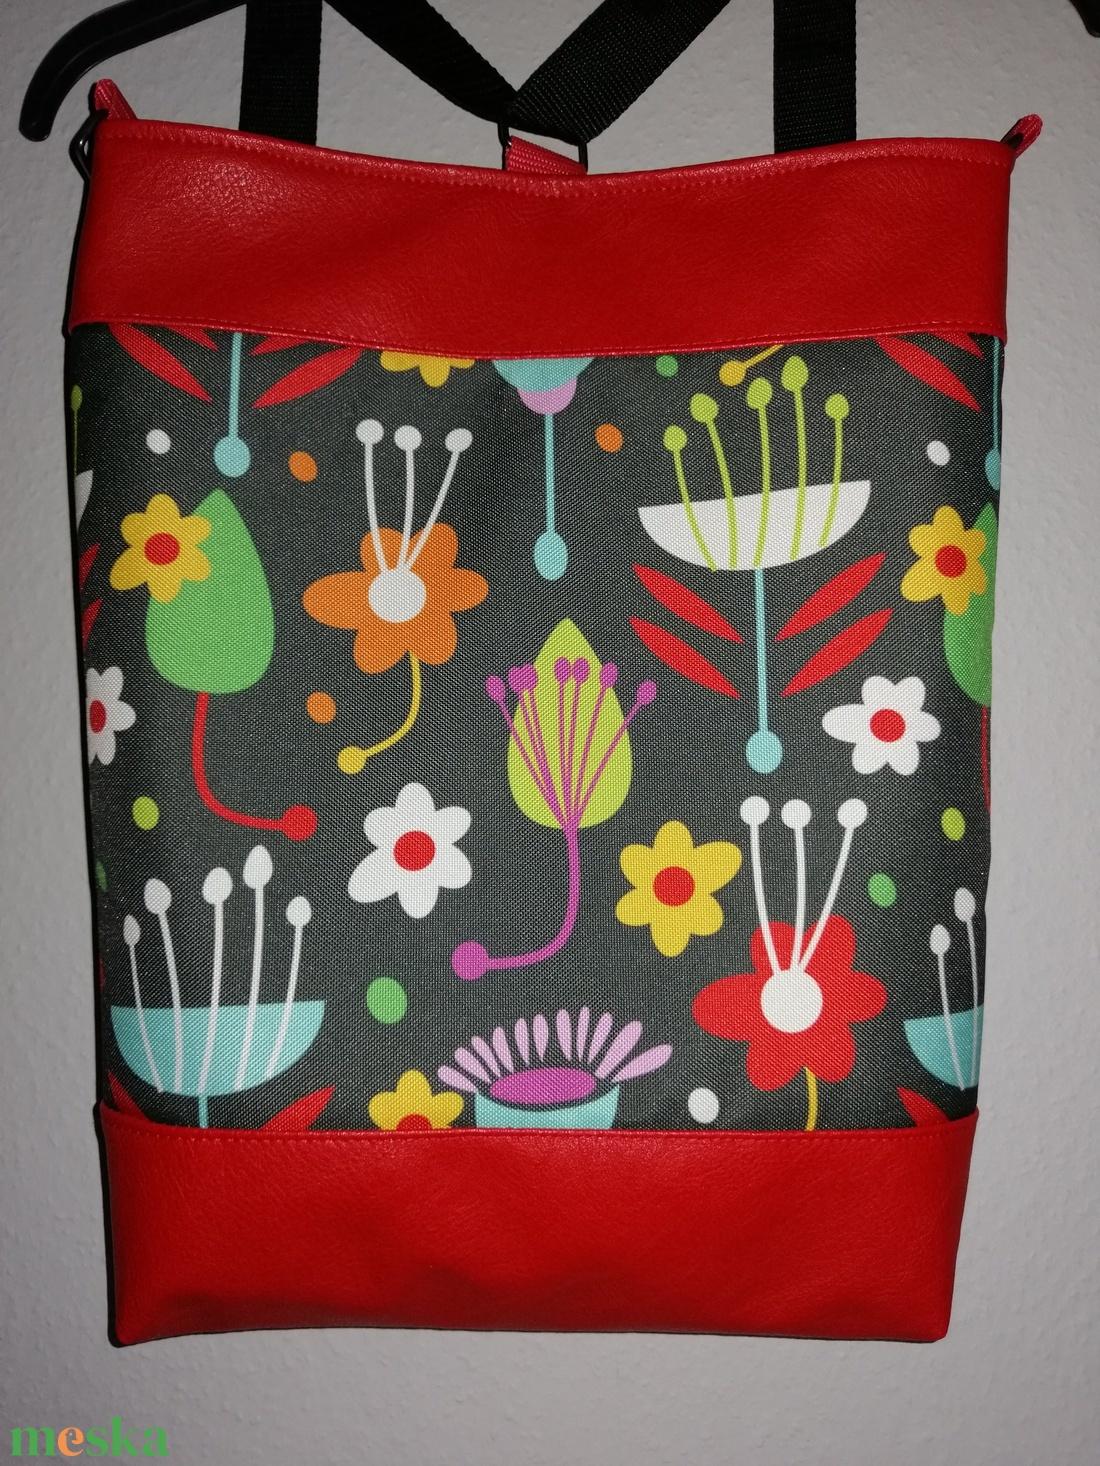 3IN1 Virágos táska  - táska & tok - variálható táska - Meska.hu